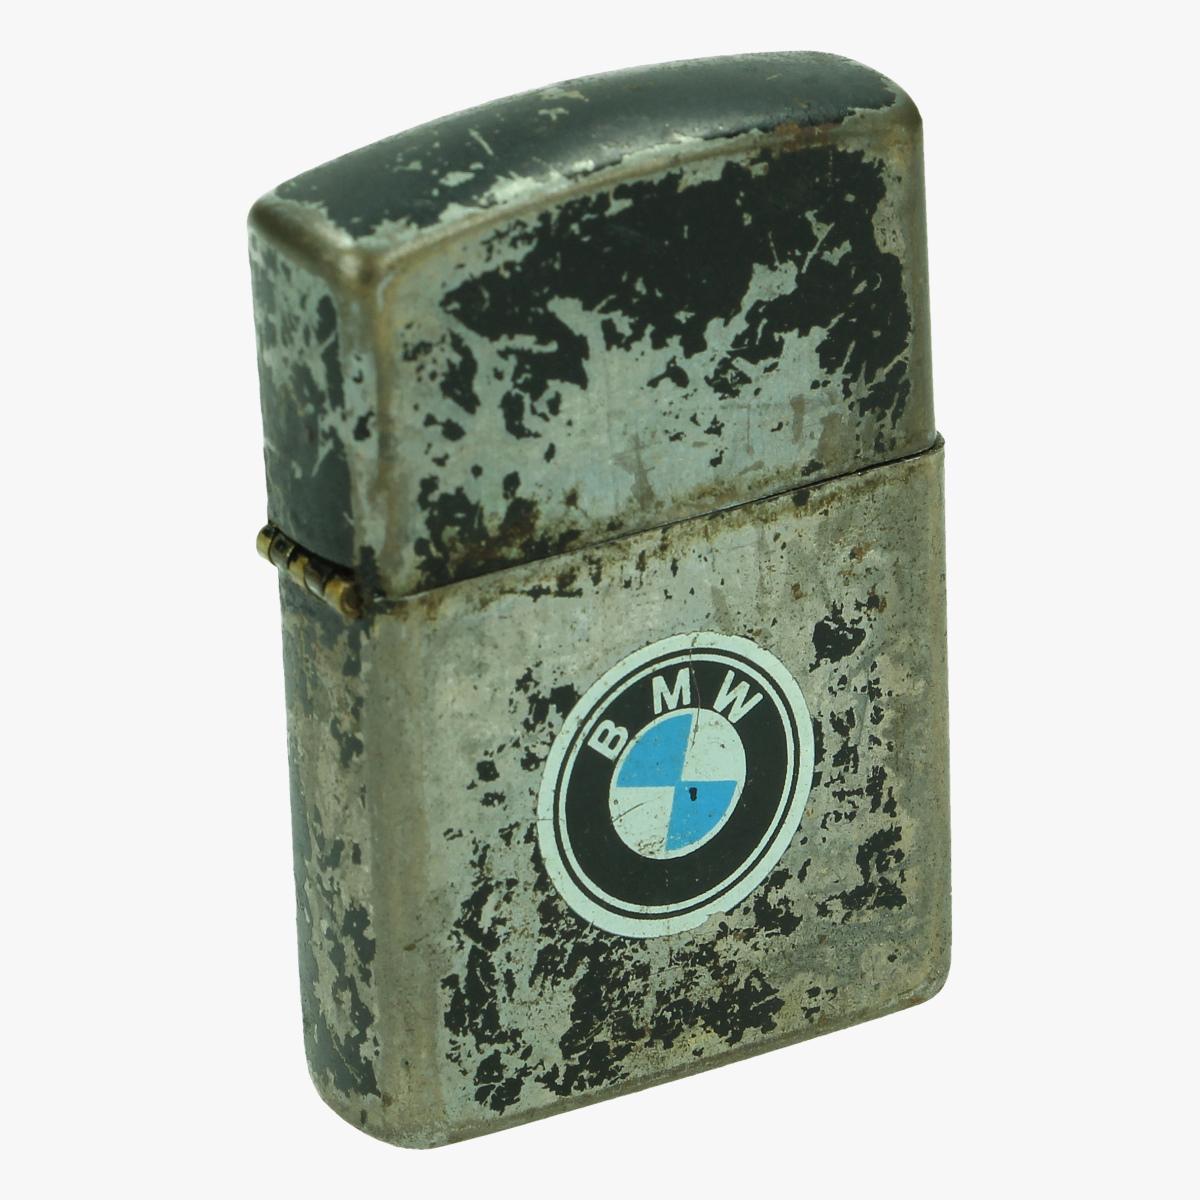 Afbeeldingen van oude aansteker BMW